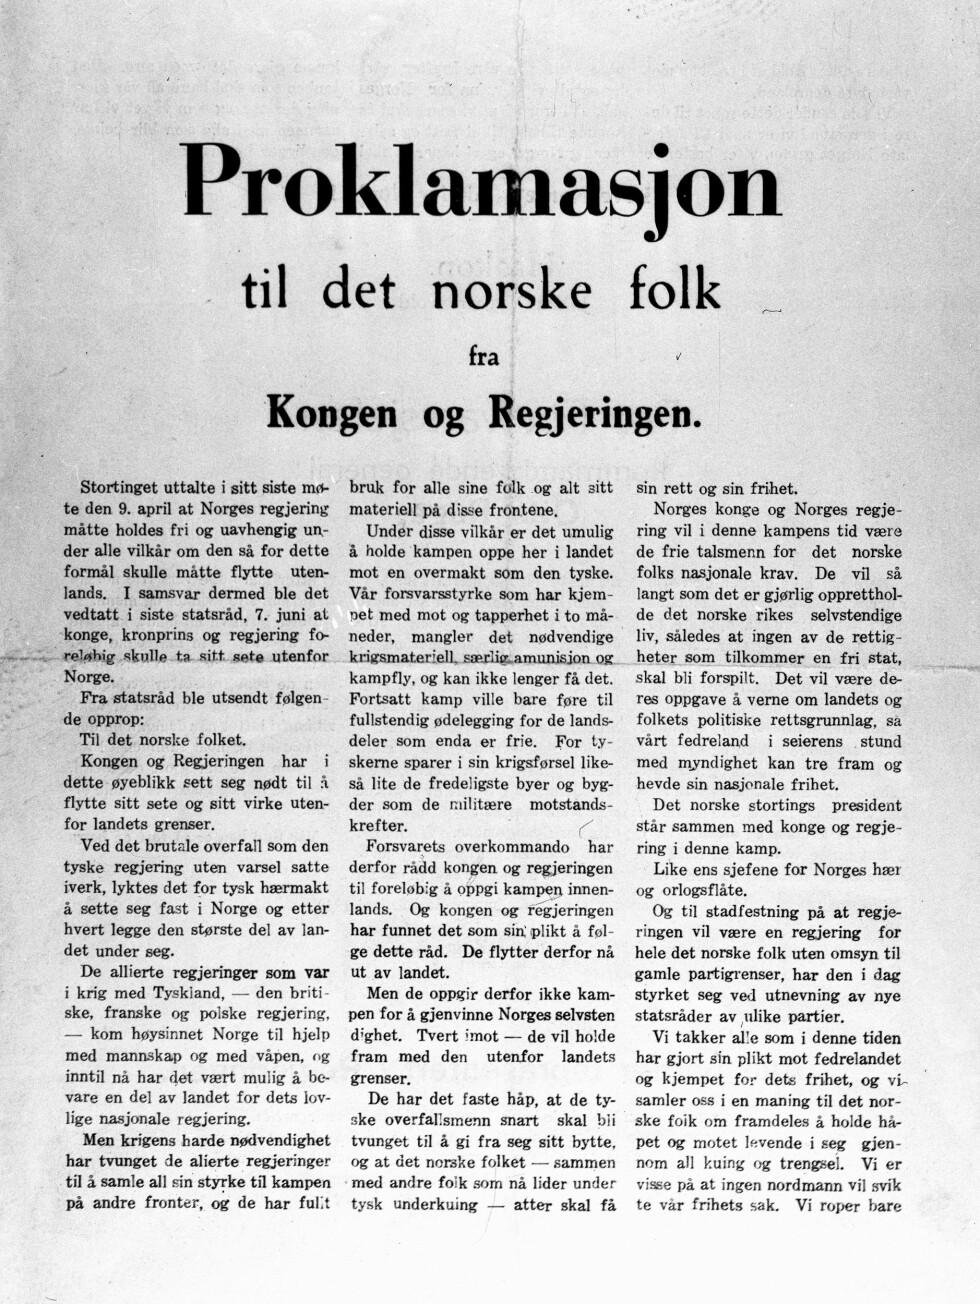 KUNNGJØRING: Proklamasjonen fra kongen og regjeringen da de forlot Norge 7. juni 1940. Foto:  Foto: NTB scanpix